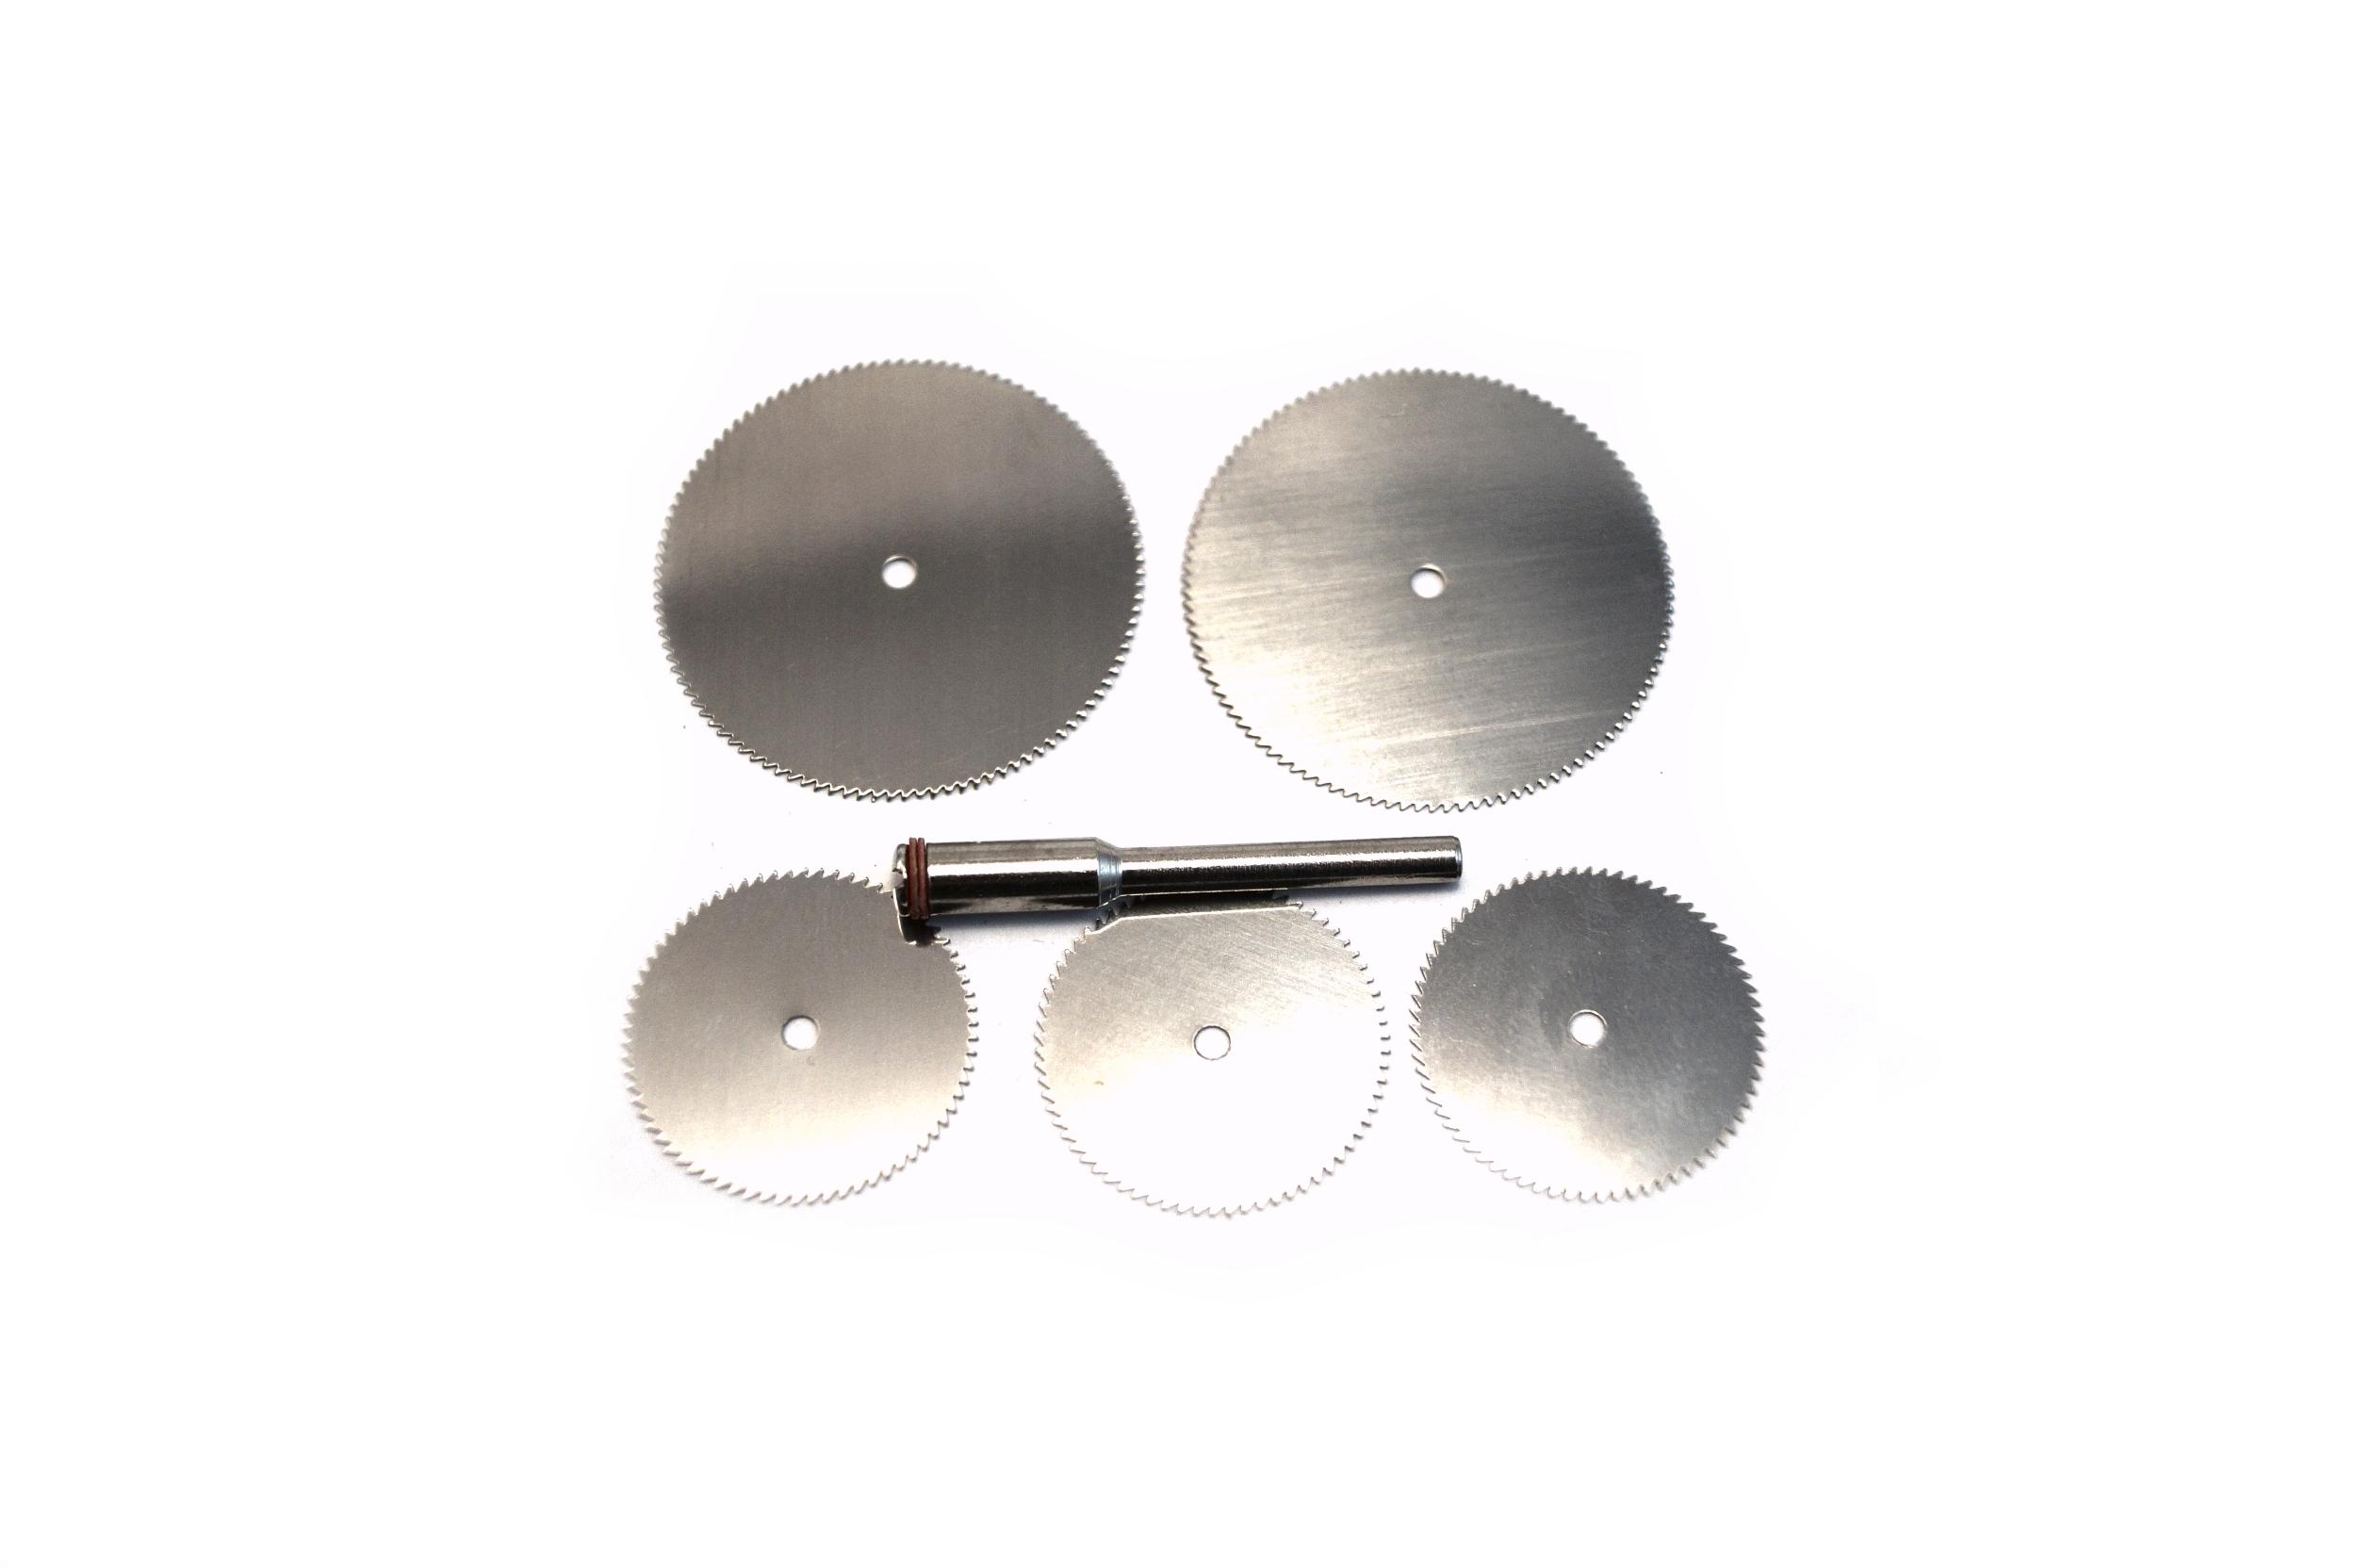 0,77€/eh] 5 x edelstahl sägeblatt + 1x dorn | 2 x 32mm 3 x 23mm zb